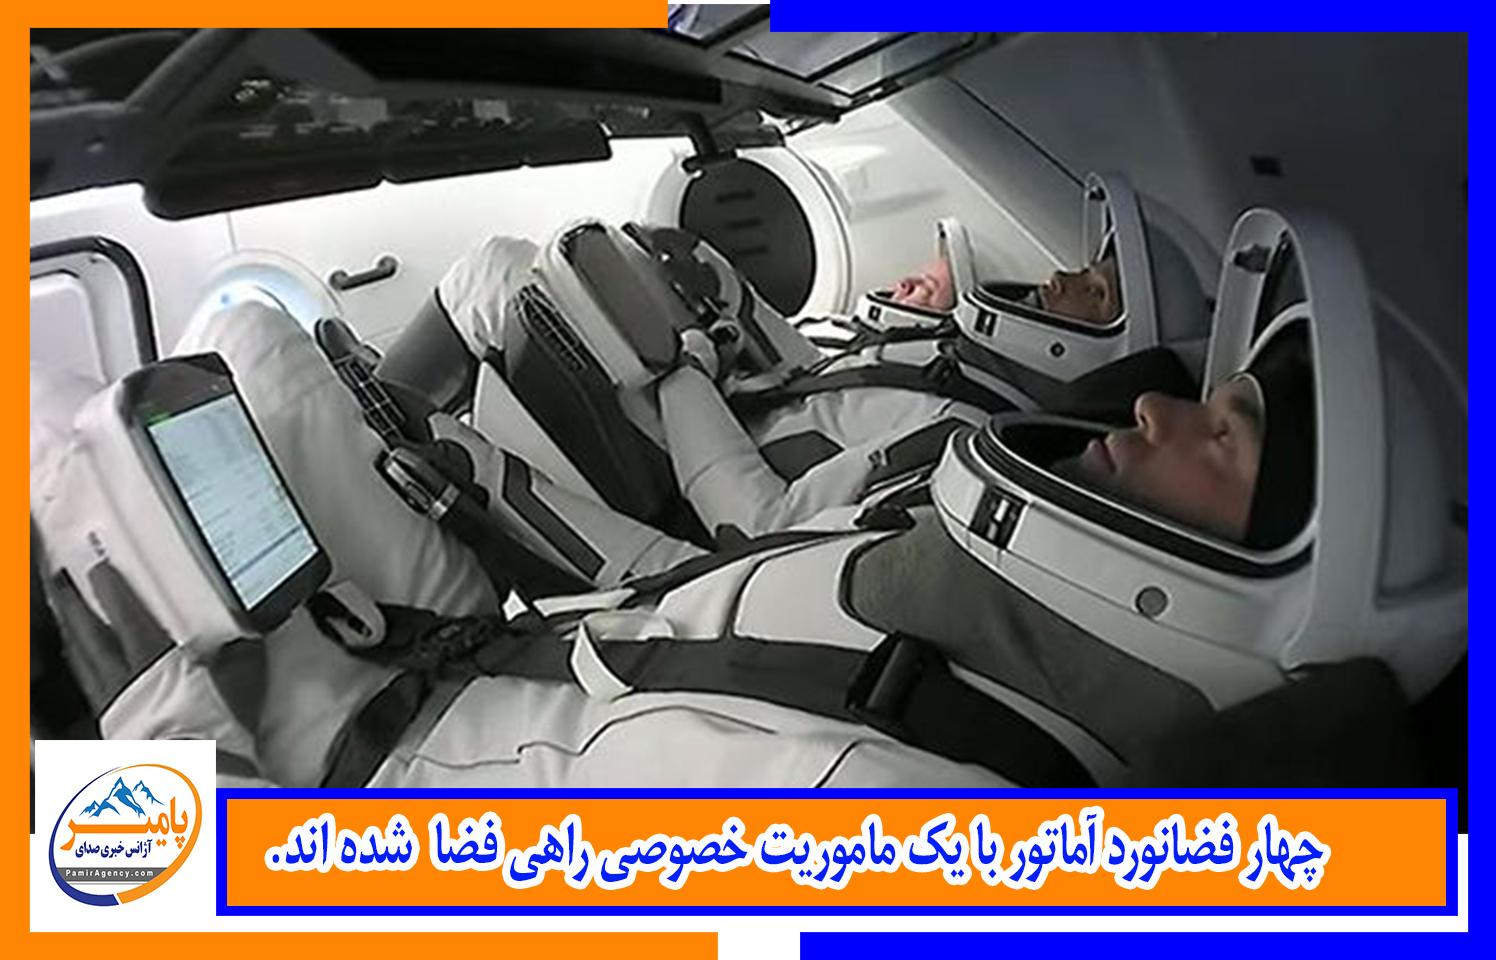 چهار فضانورد آماتور با یک ماموریت خصوصی راهی فضا شده اند.